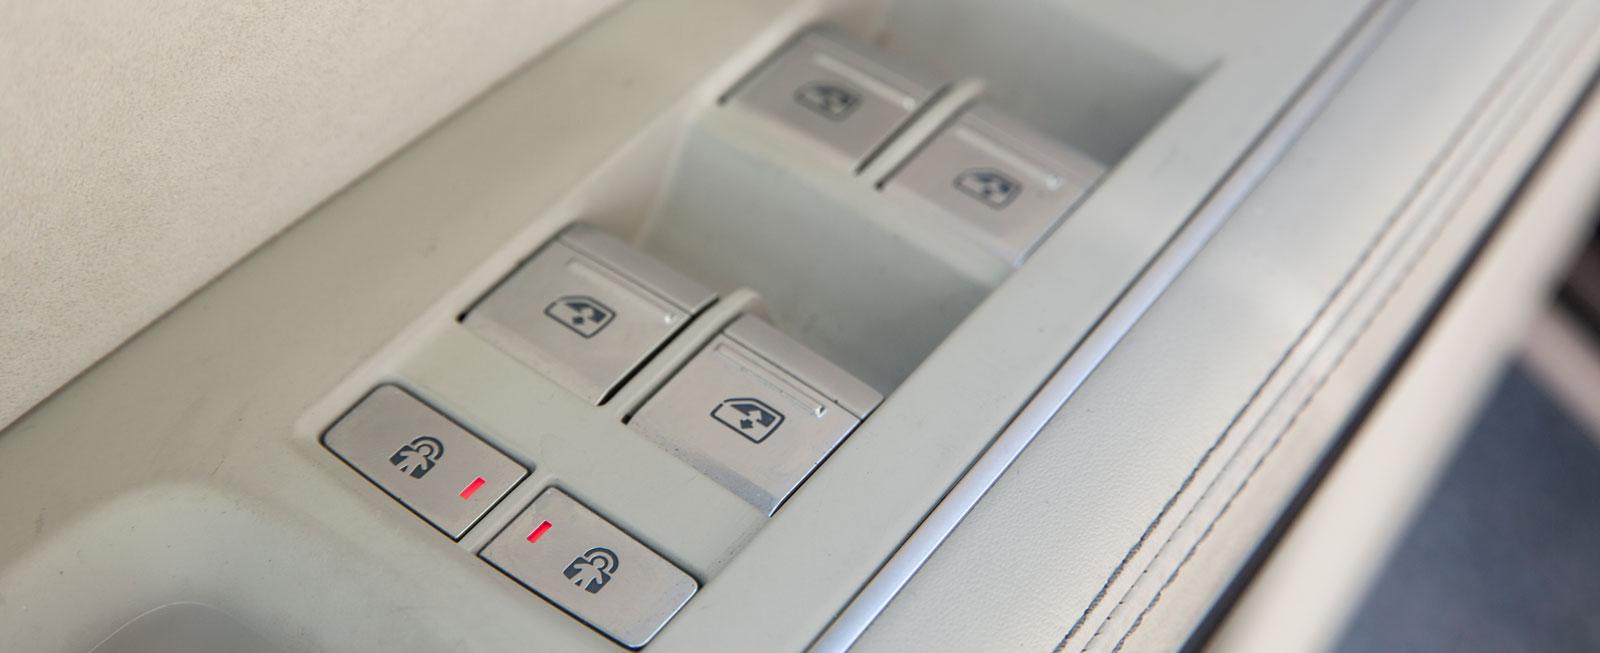 Den enda testbilen med elektriska barnsäkerhetslås är Audi A8.